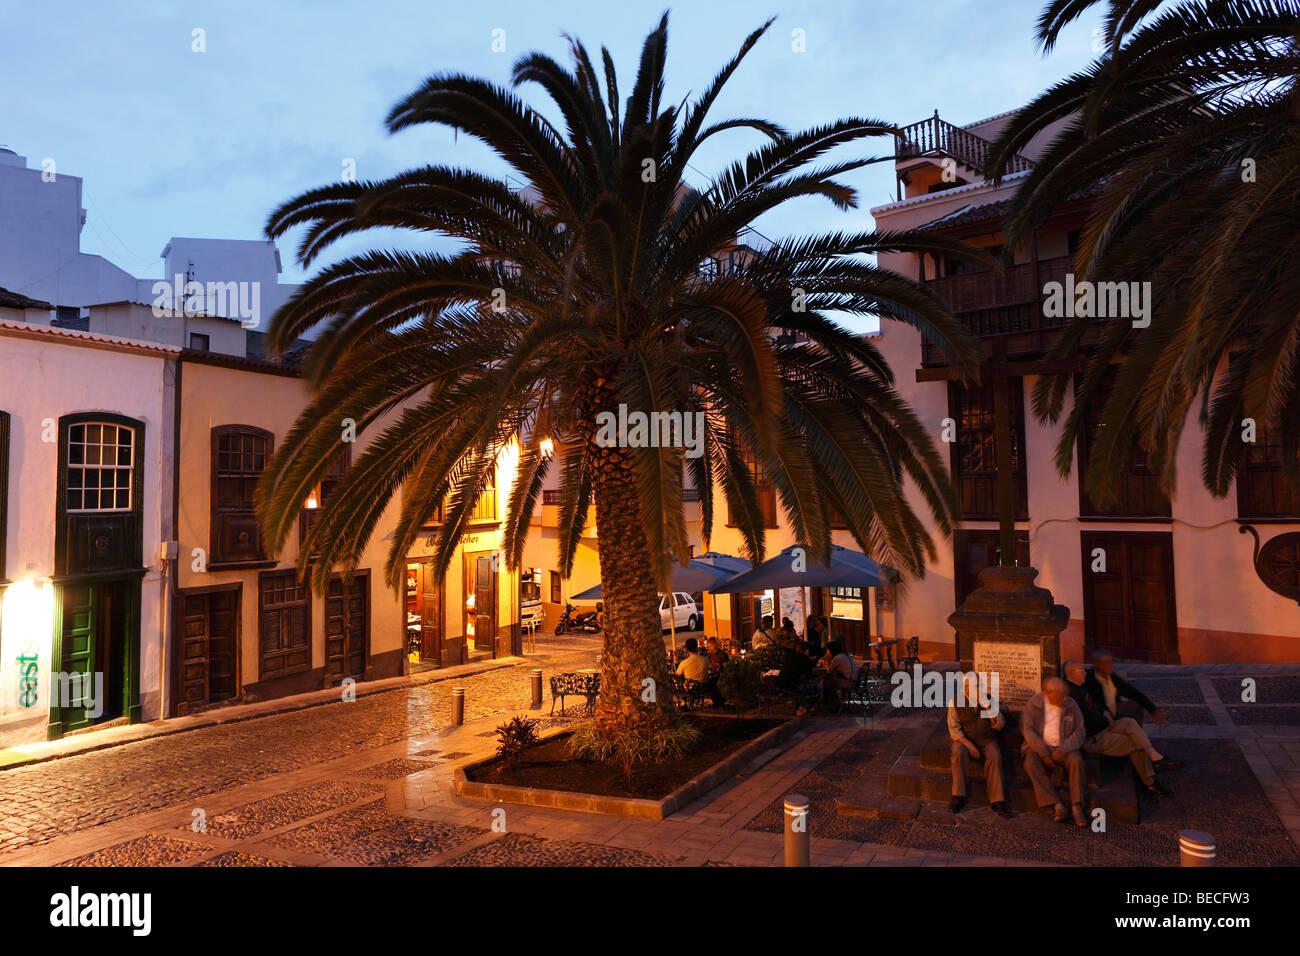 Cruz de Tercero at Plaza Alameda, Santa Cruz de la Palma, La Palma, Canary Islands, Spain - Stock Image